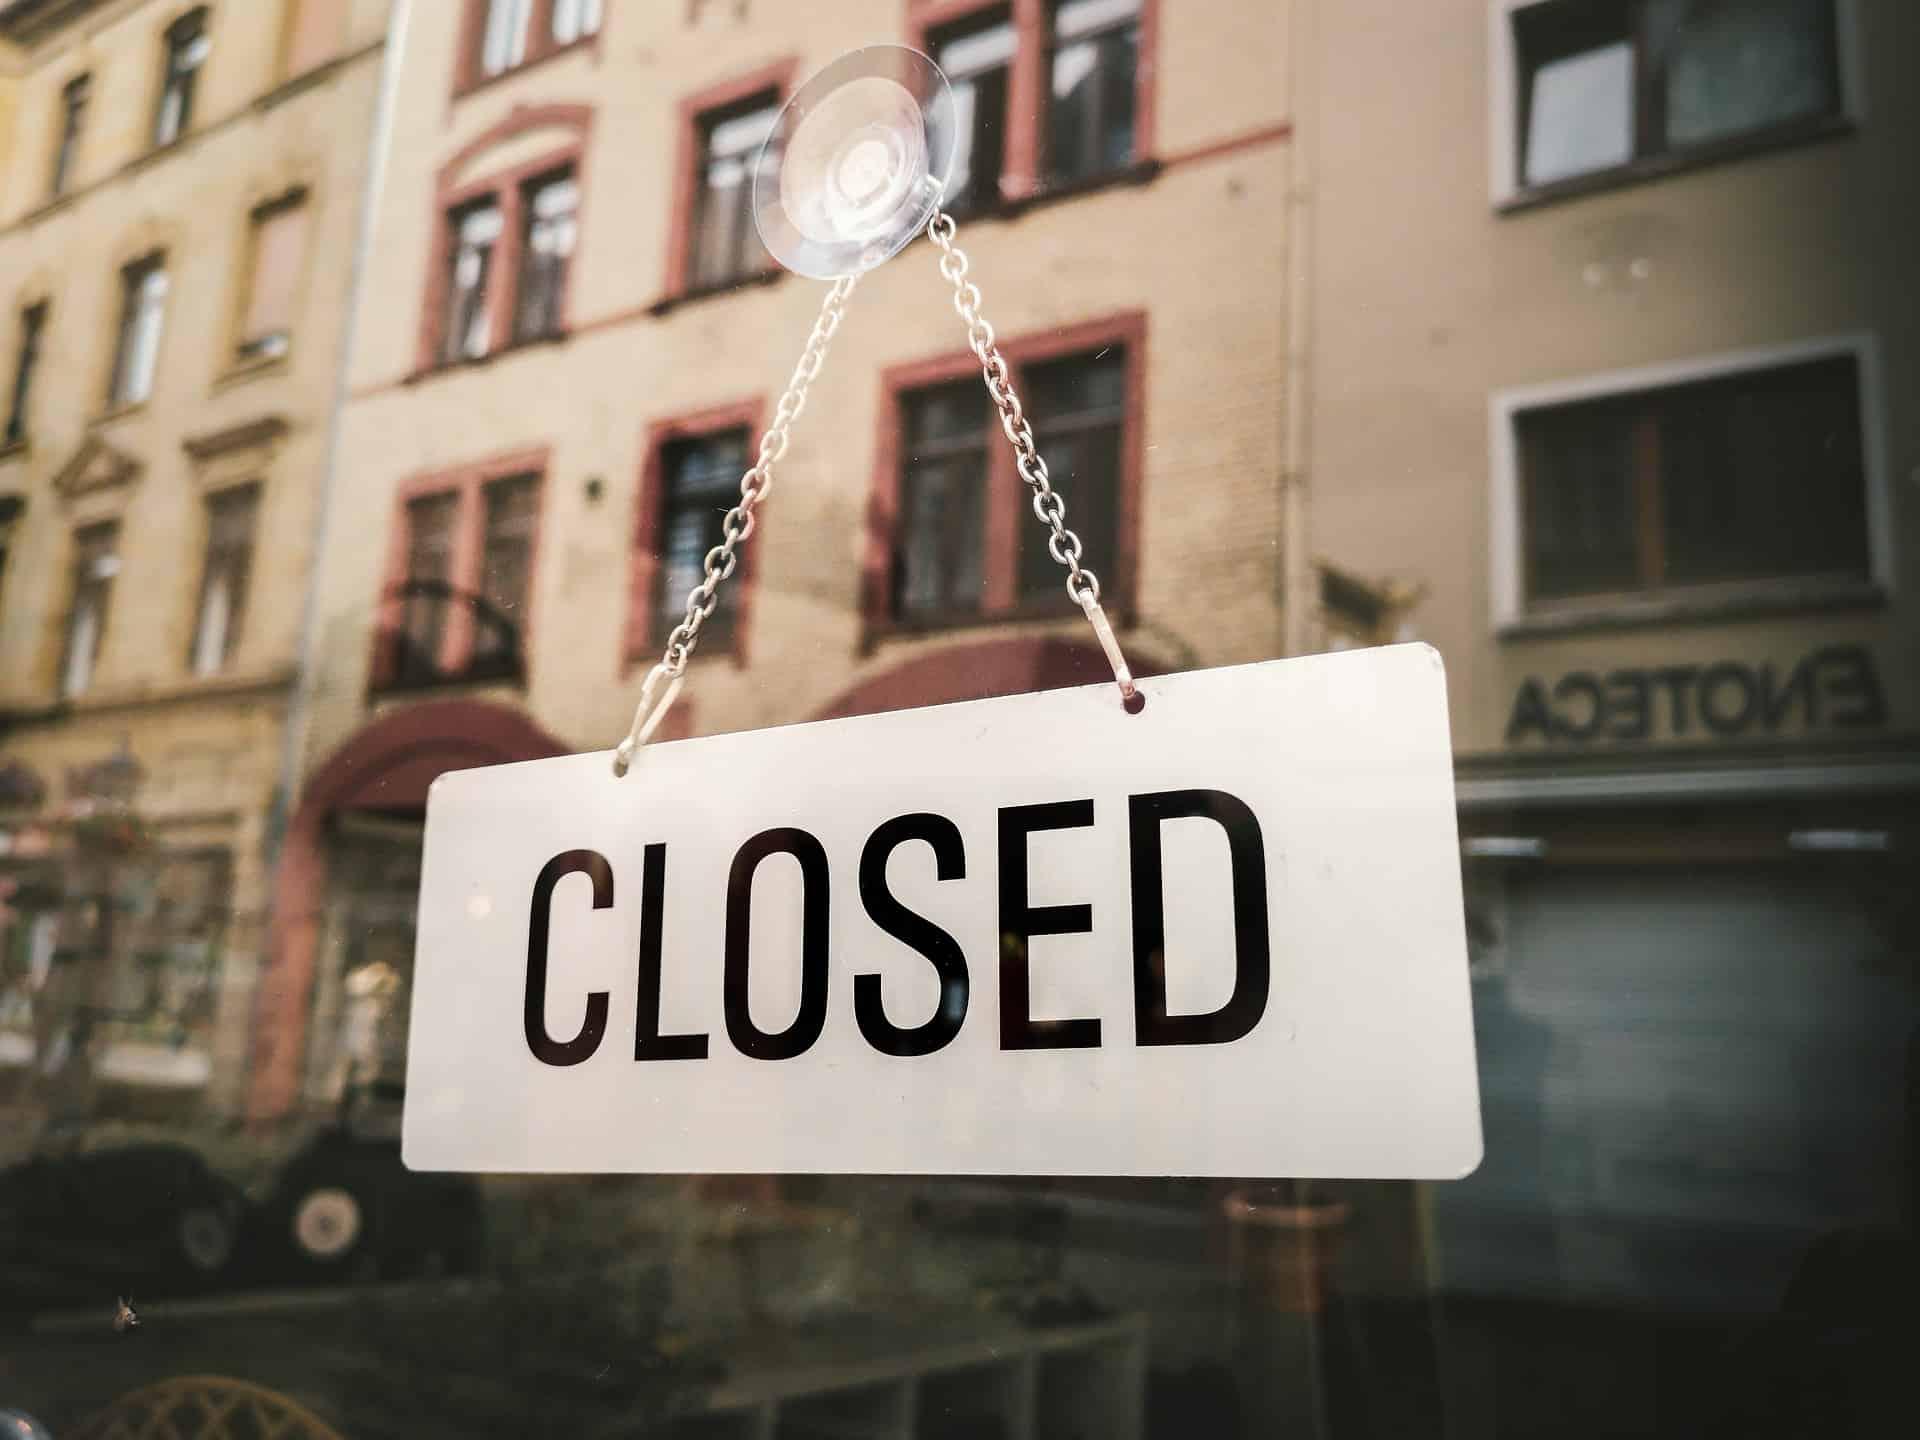 Zamknięcie spółki z ograniczoną odpowiedzialnością bez płacenia podatku